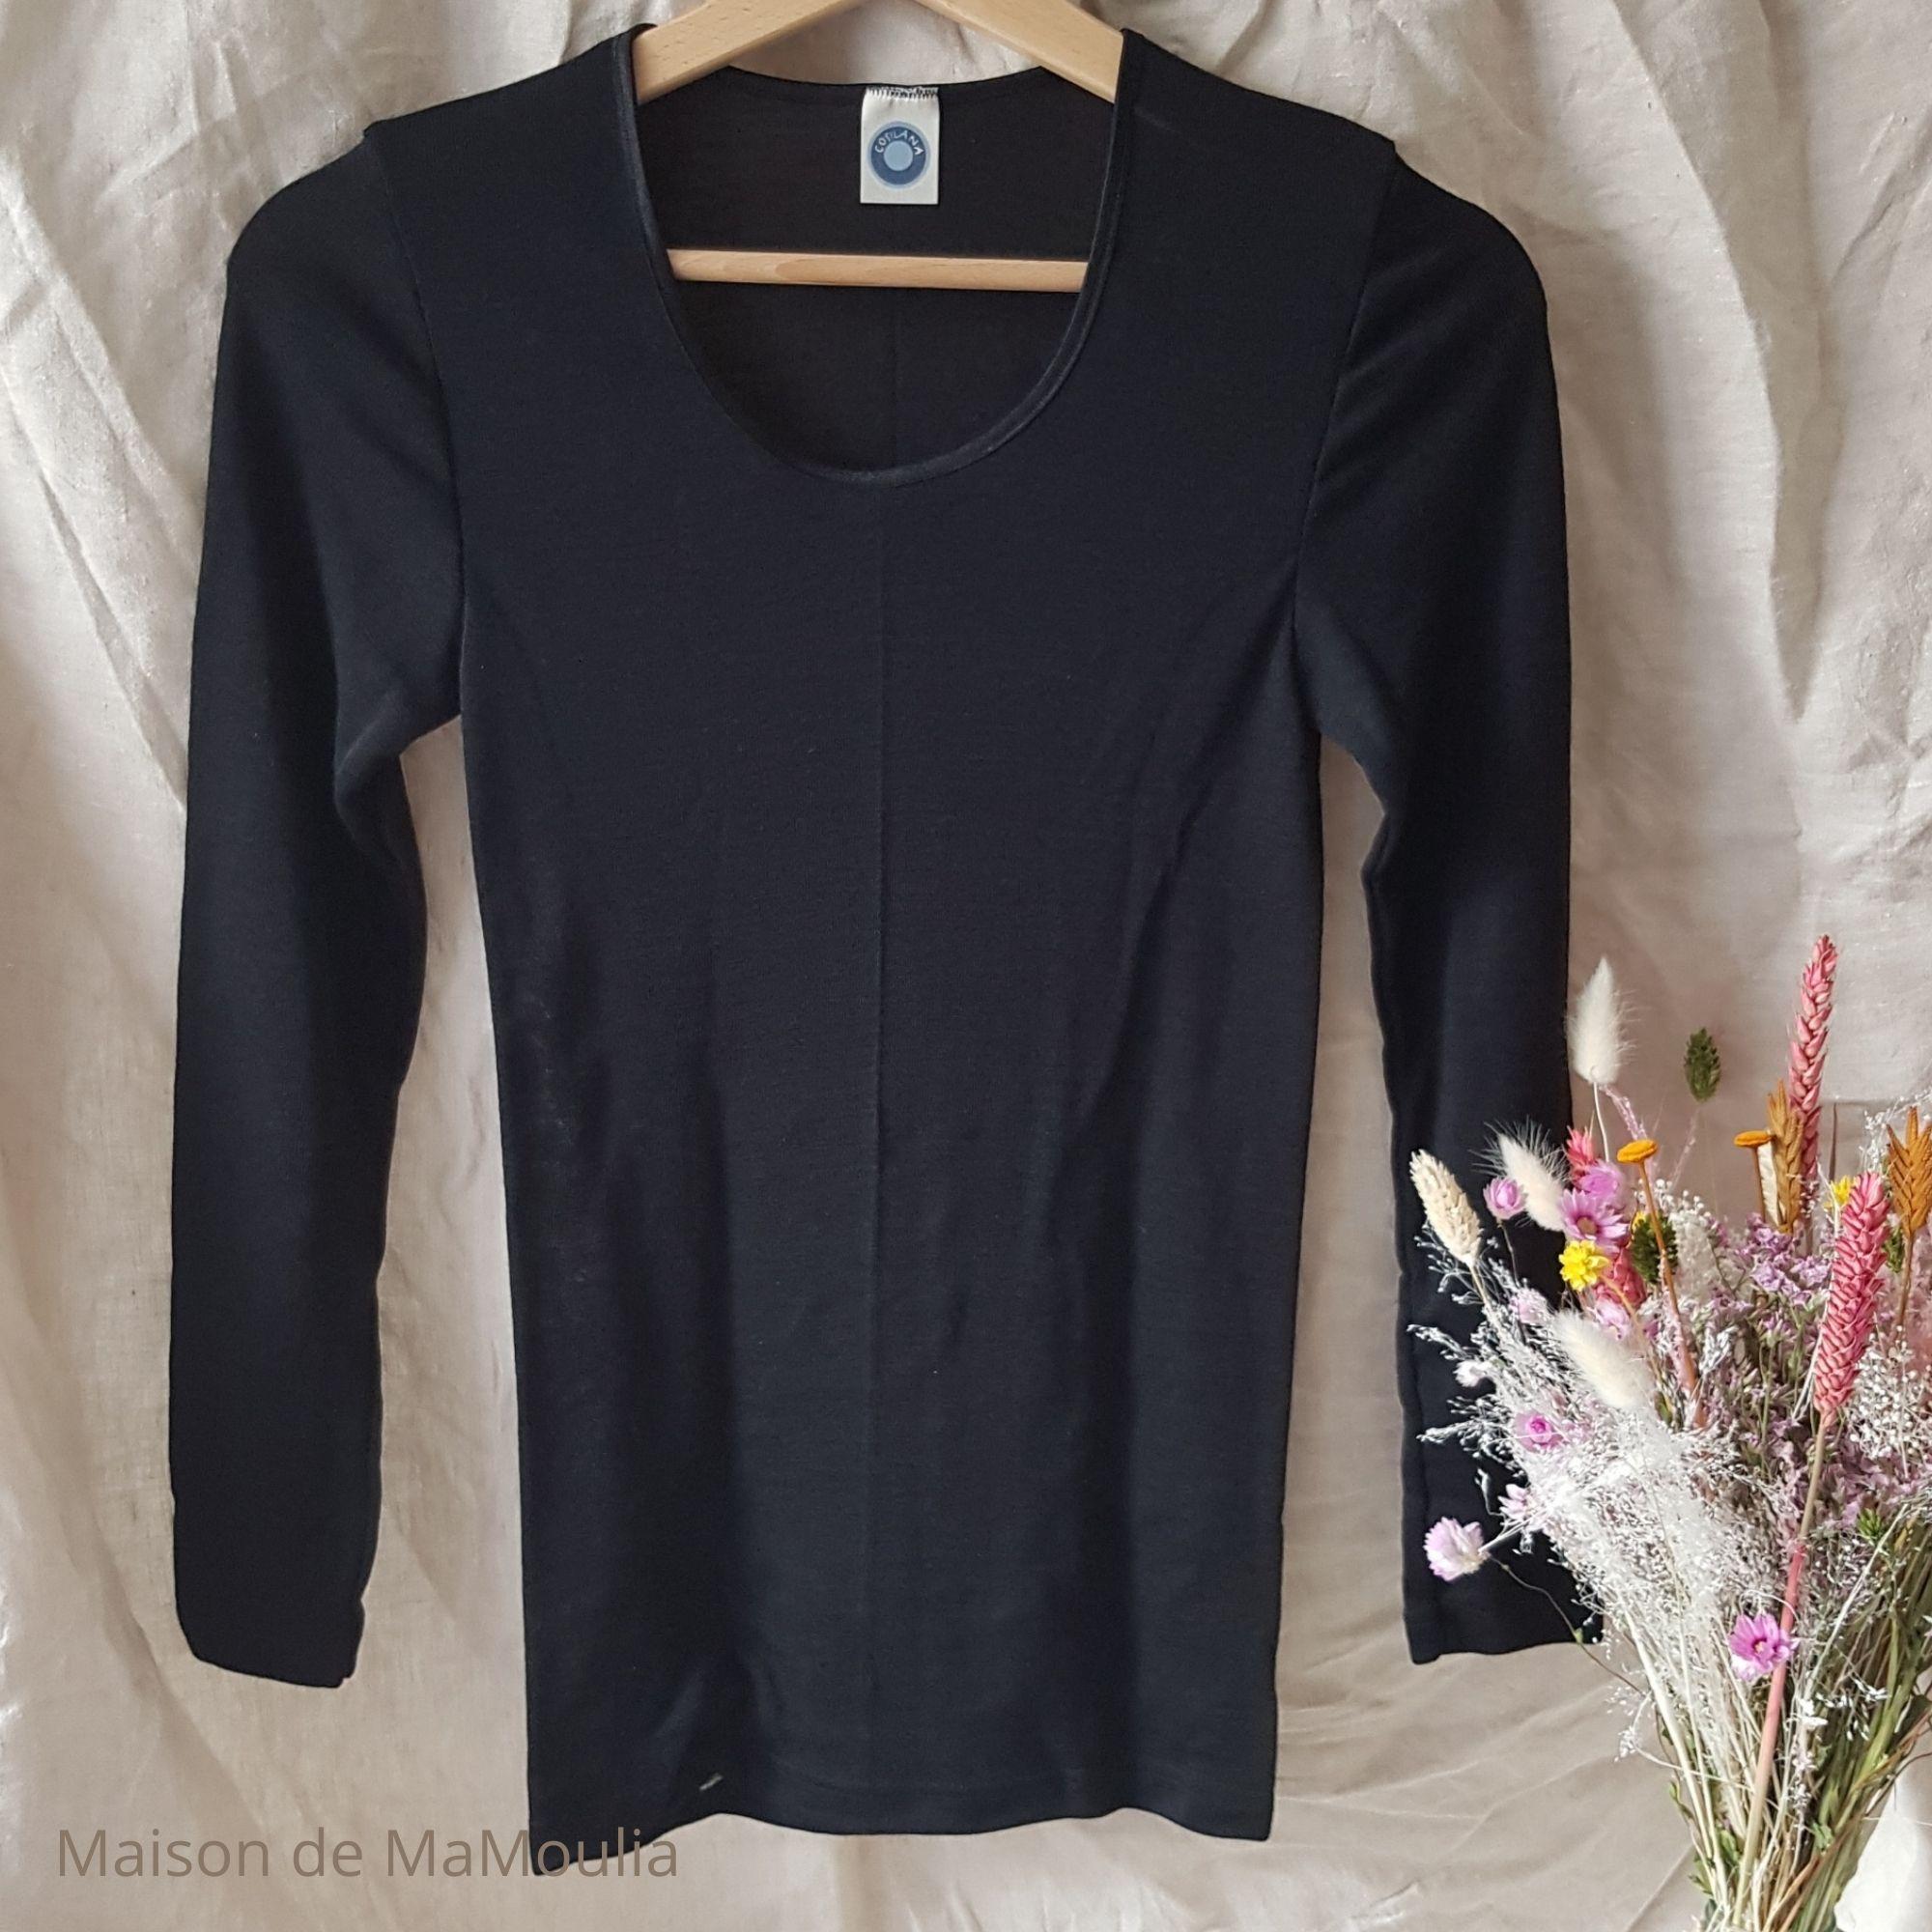 COSILANA - T-shirt manches longues - 70% laine/ 30% soie, Noir